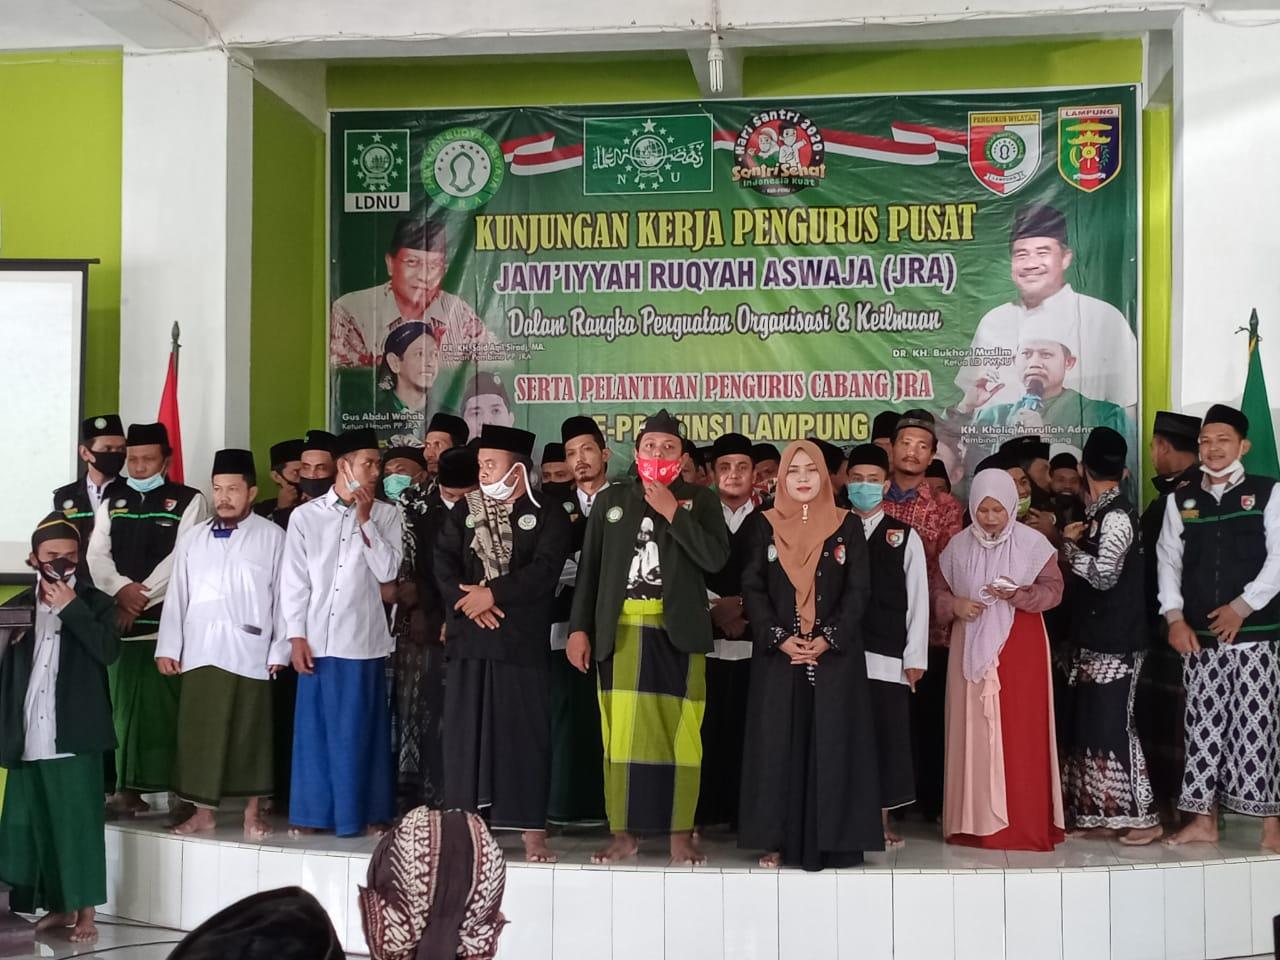 PC JRA Lampung Barat Siap Lebarkan Sayap Dakwah melalui Pengobatan Islami dengan Media Qur'ani